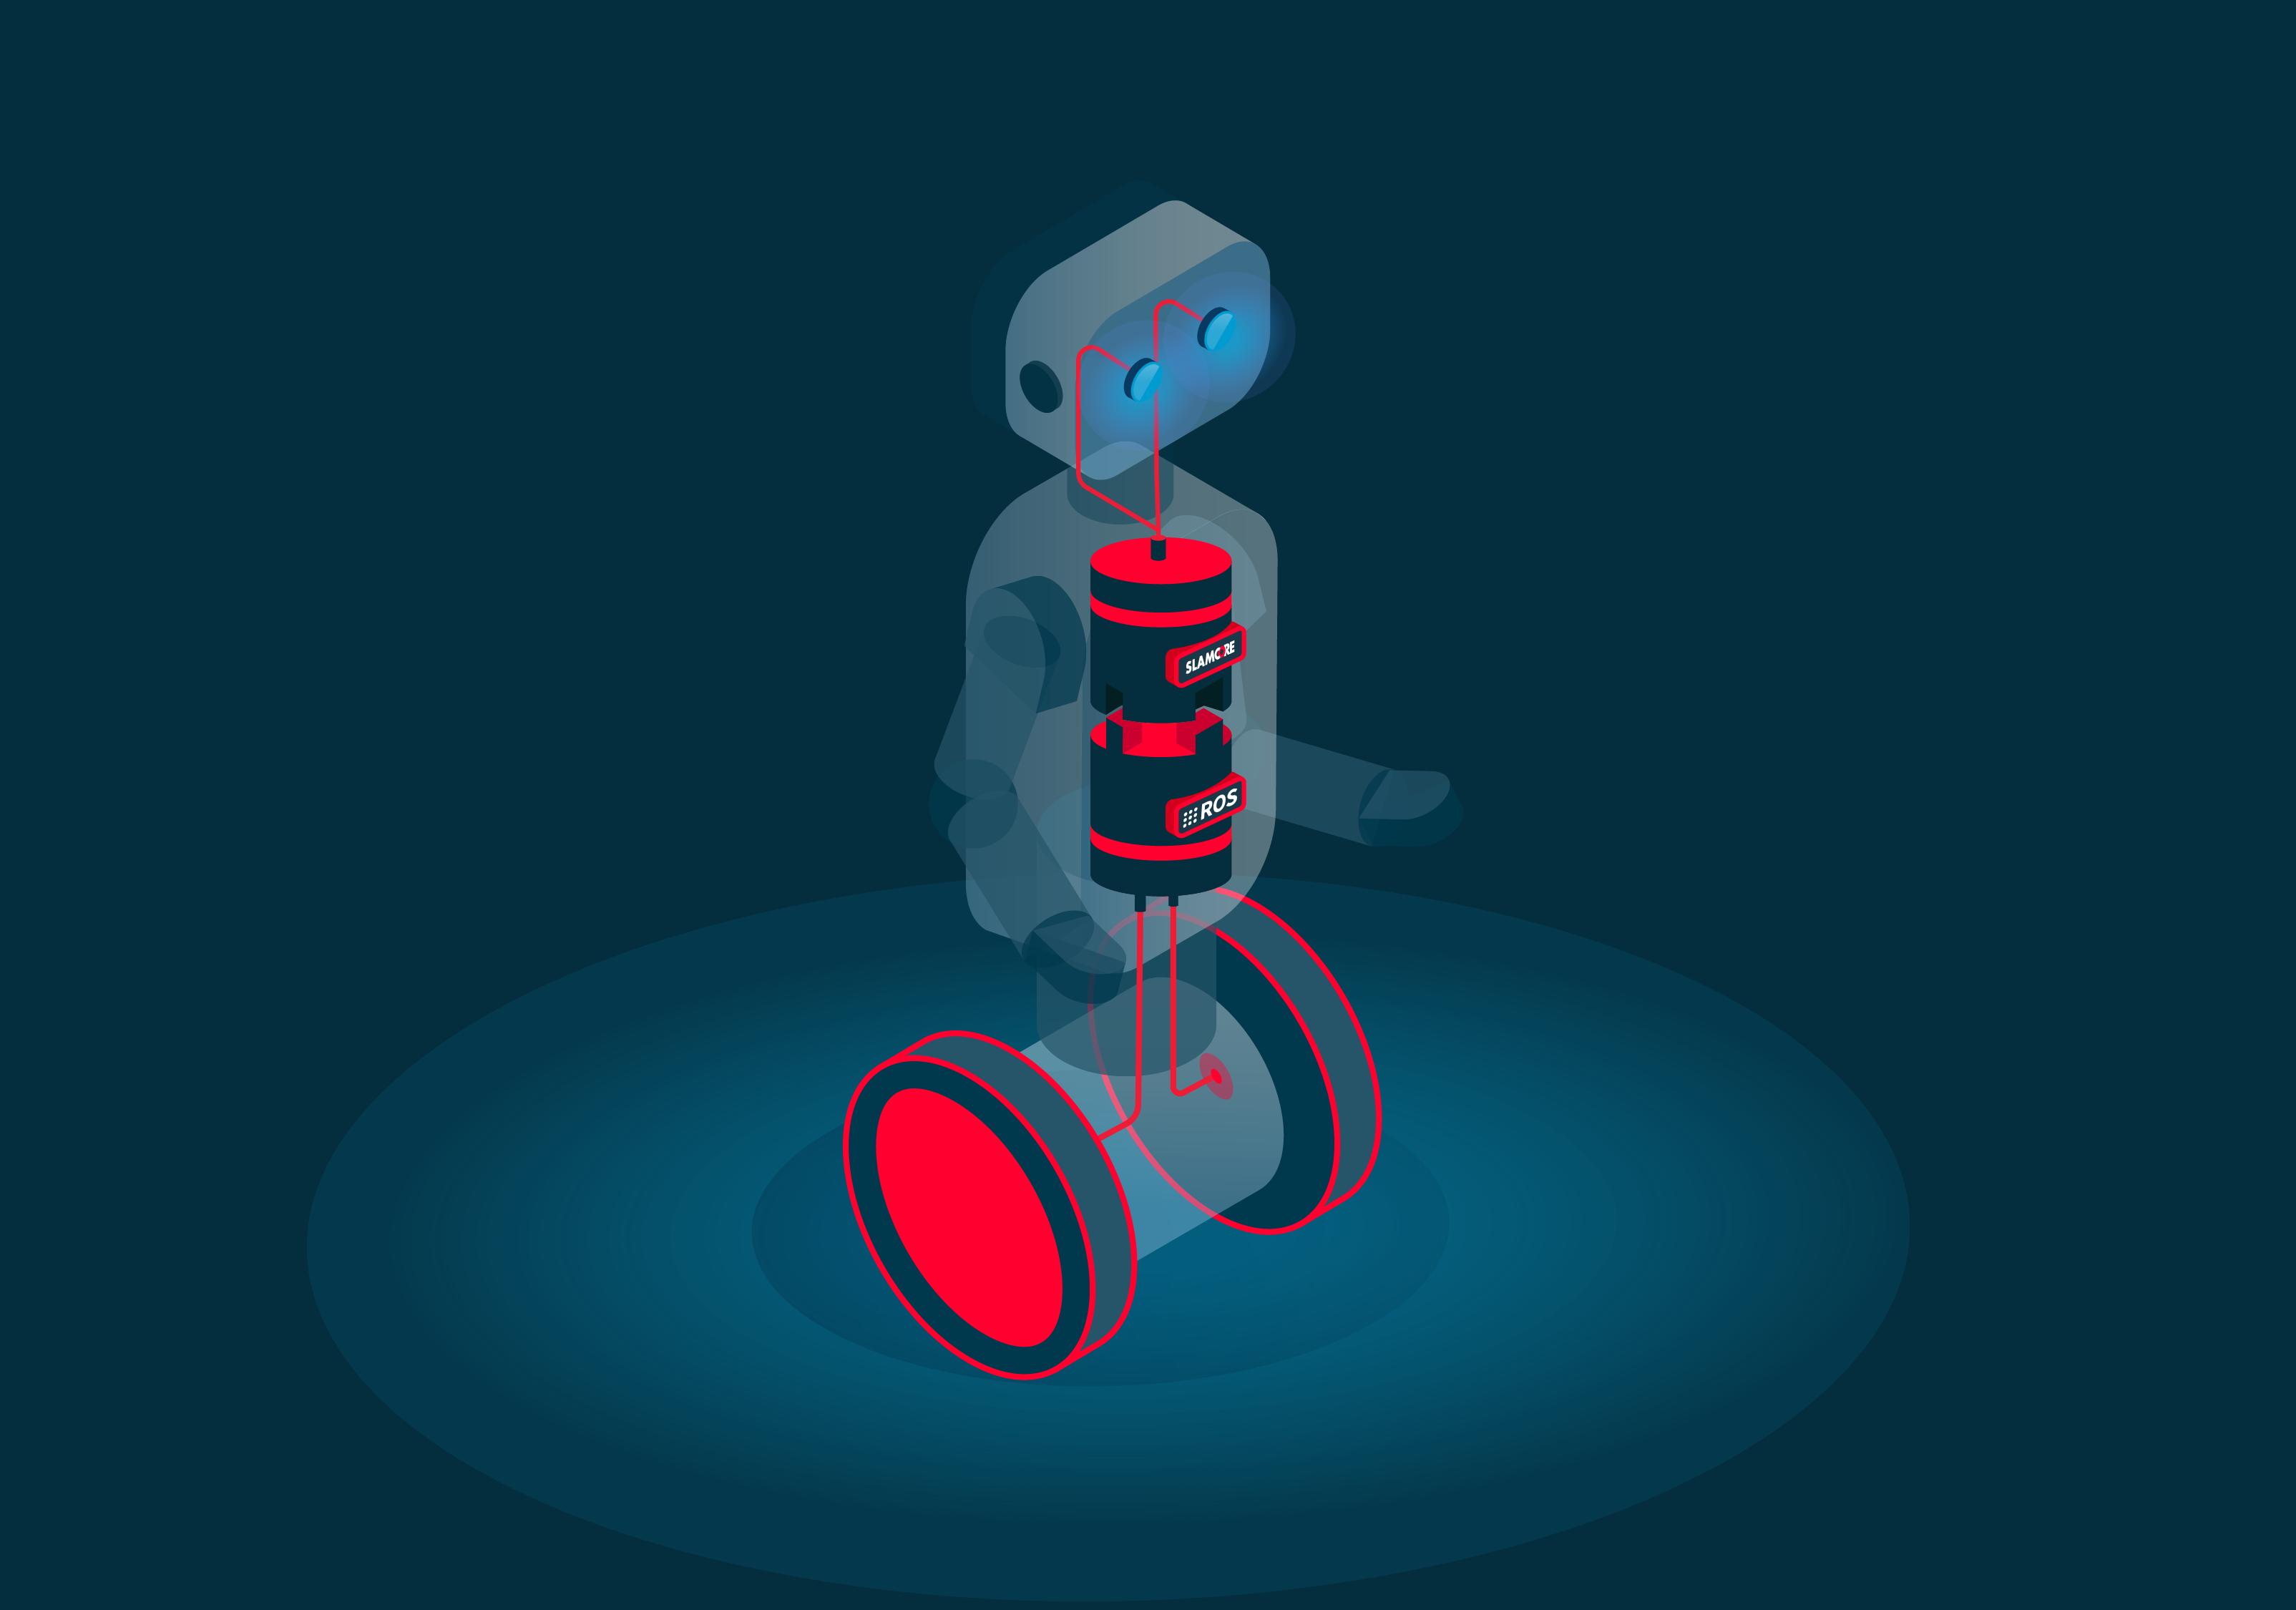 Robot_Ross-01